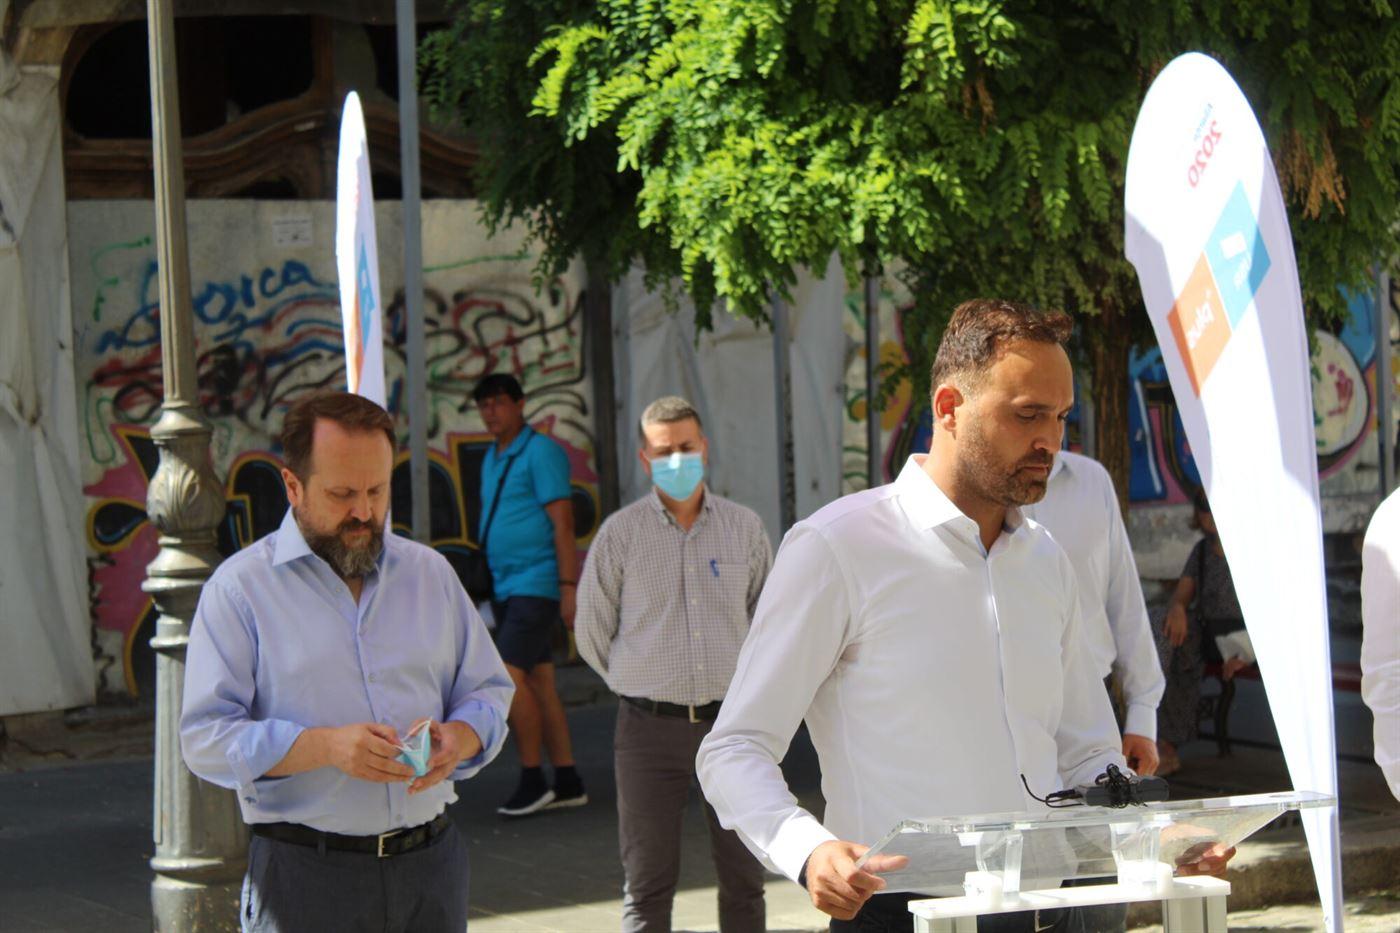 Cătălin Stancu și Mihai Isvoranu, candidații Alianței USR – PLUS la președinția CJ, respectiv Primăria Brăila